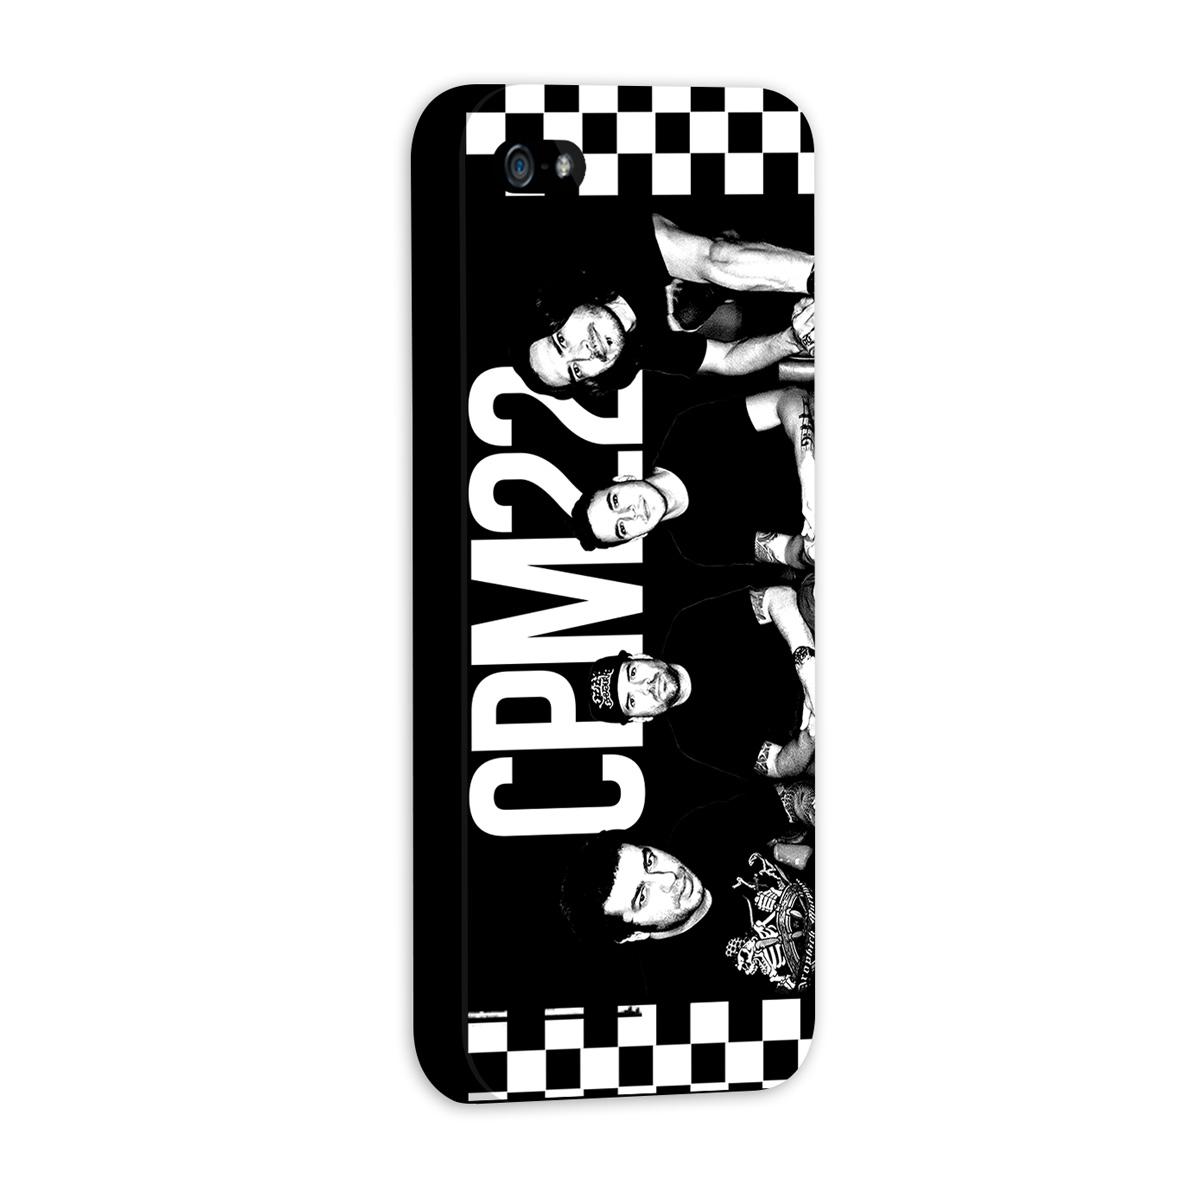 Capa de iPhone 5/5S CPM 22 Foto